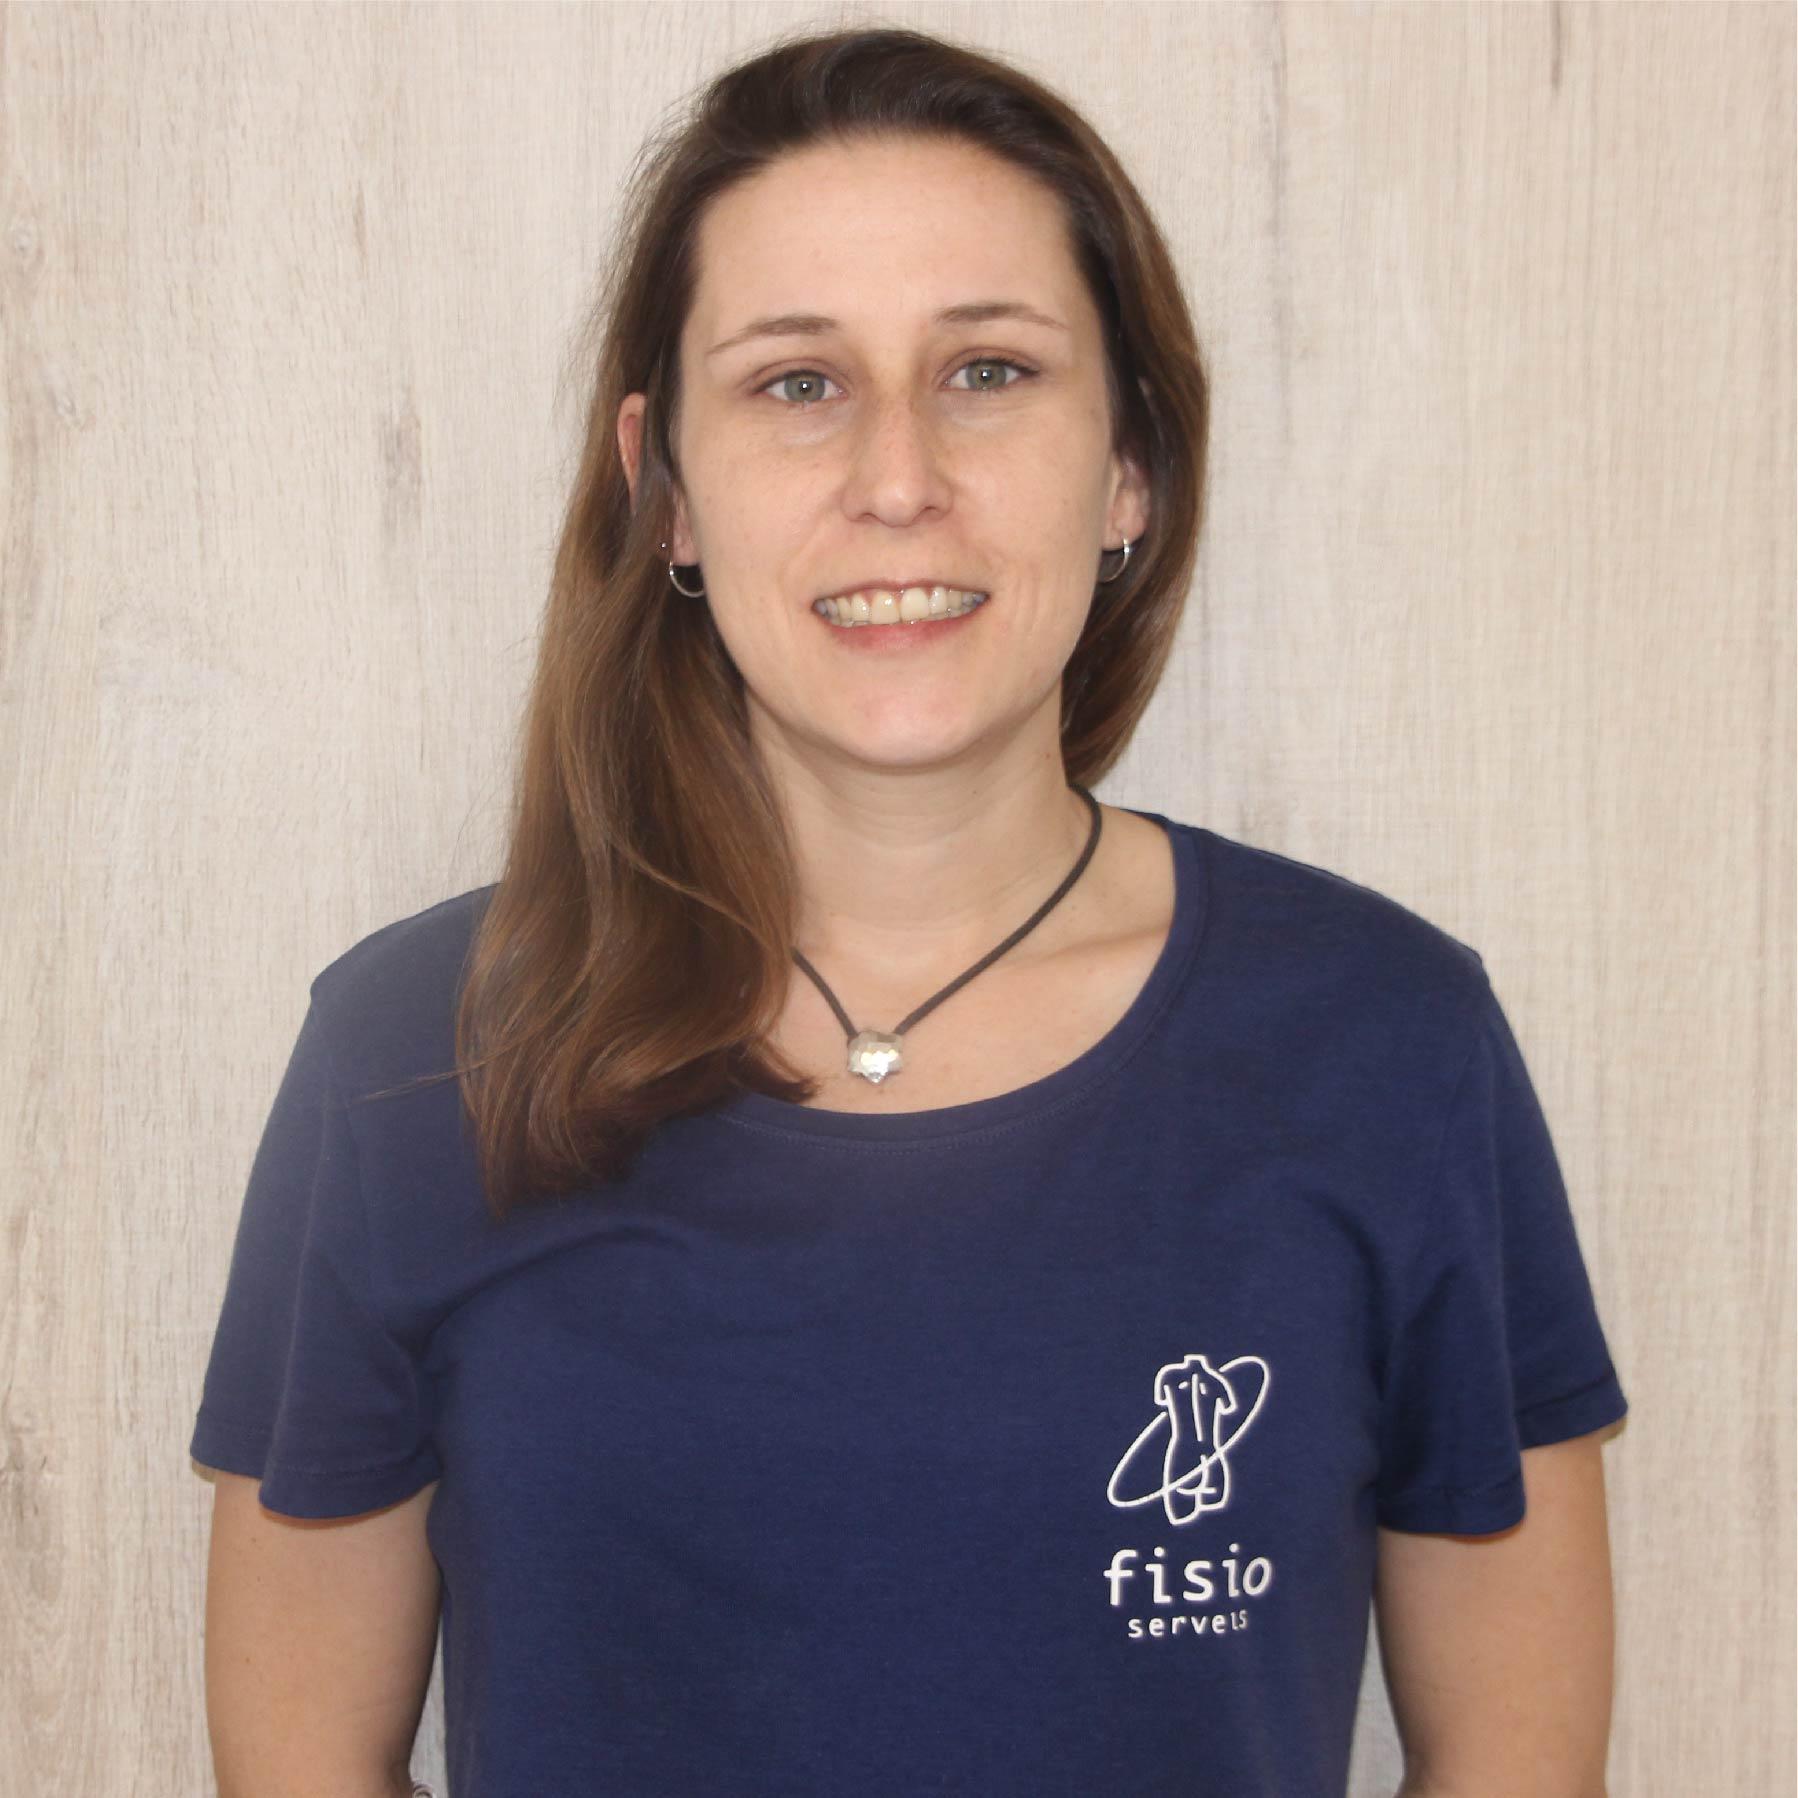 Cristina Pallarols Short